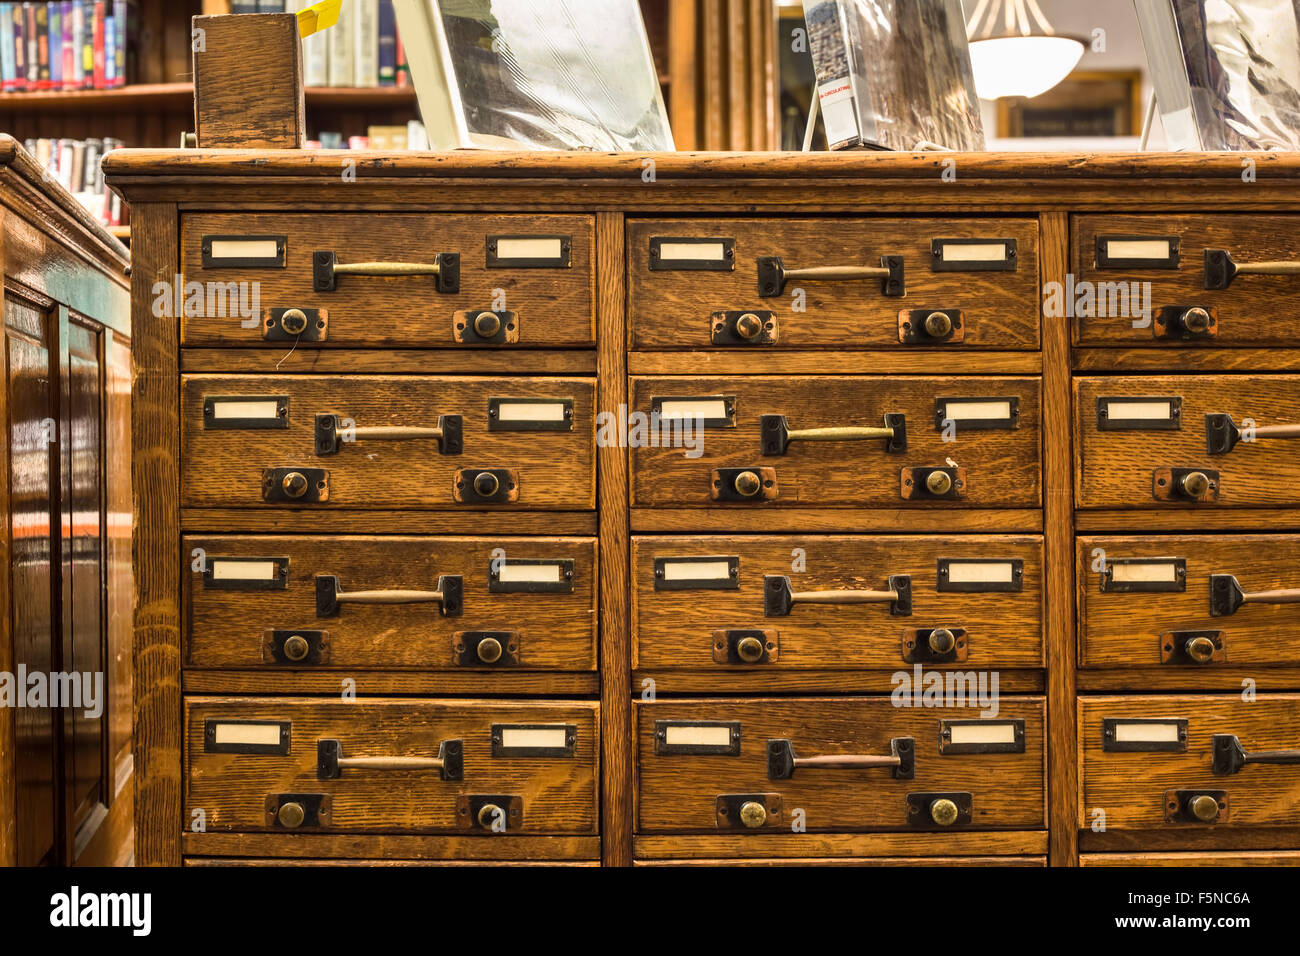 Vintage libreria di legno catalogo schede Immagini Stock